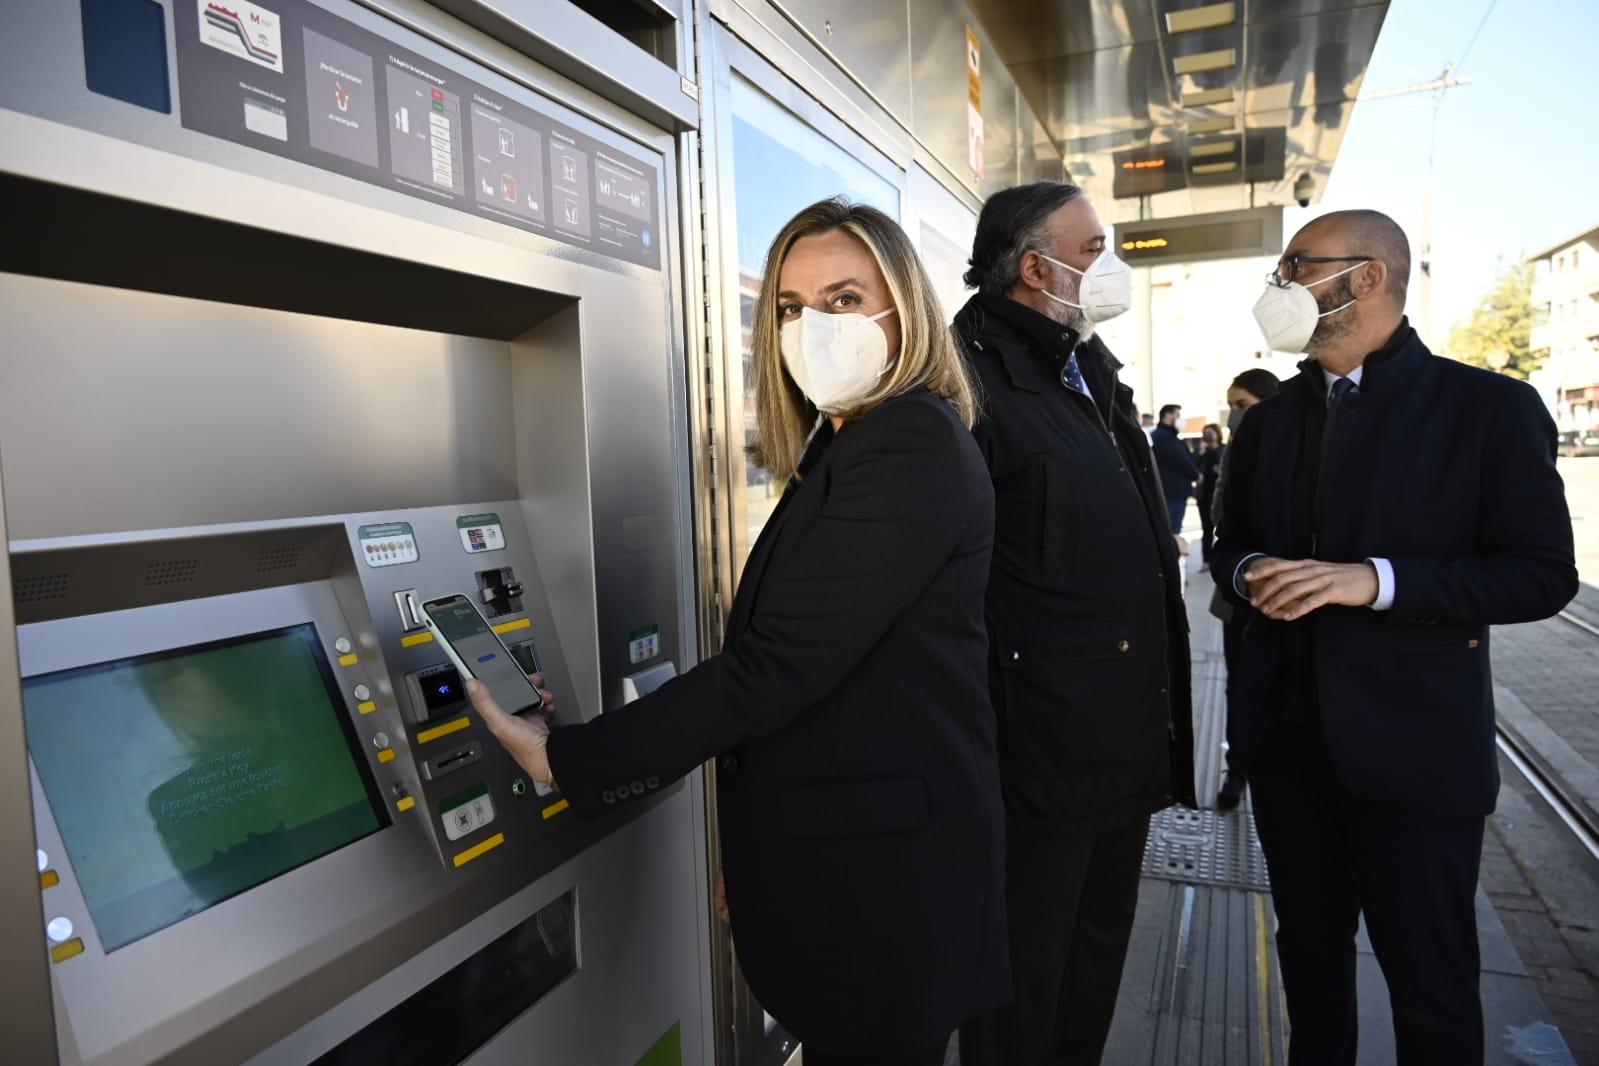 Pasarela bancaria Metro de Granada